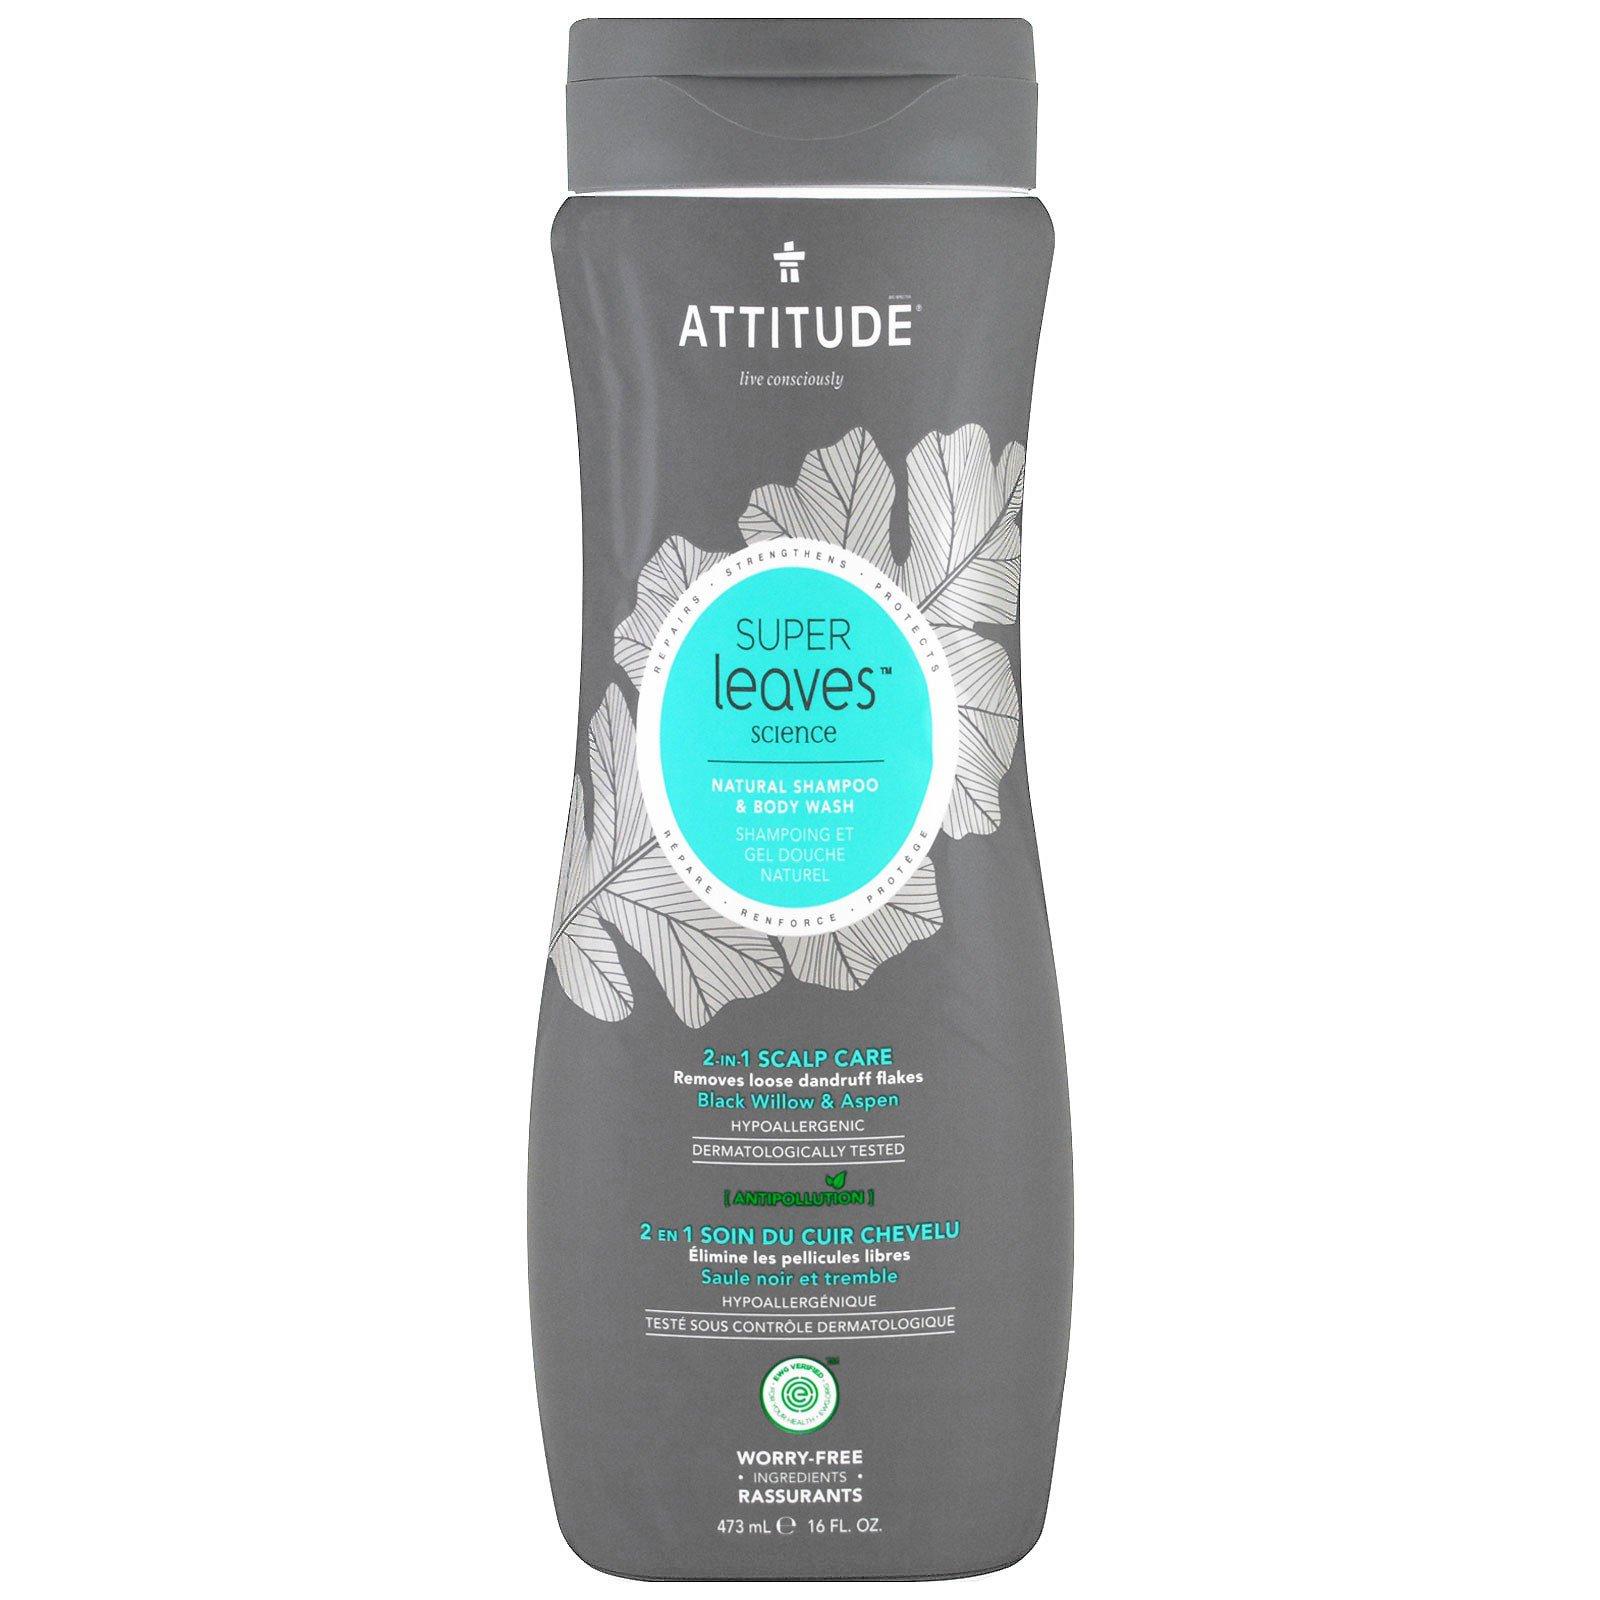 ATTITUDE, Super Leaves Science, Натуральный шампунь и гель для тела, 2 в 1 Уход за кожей головы, Осина и черная ива, 473 мл (16 oz)